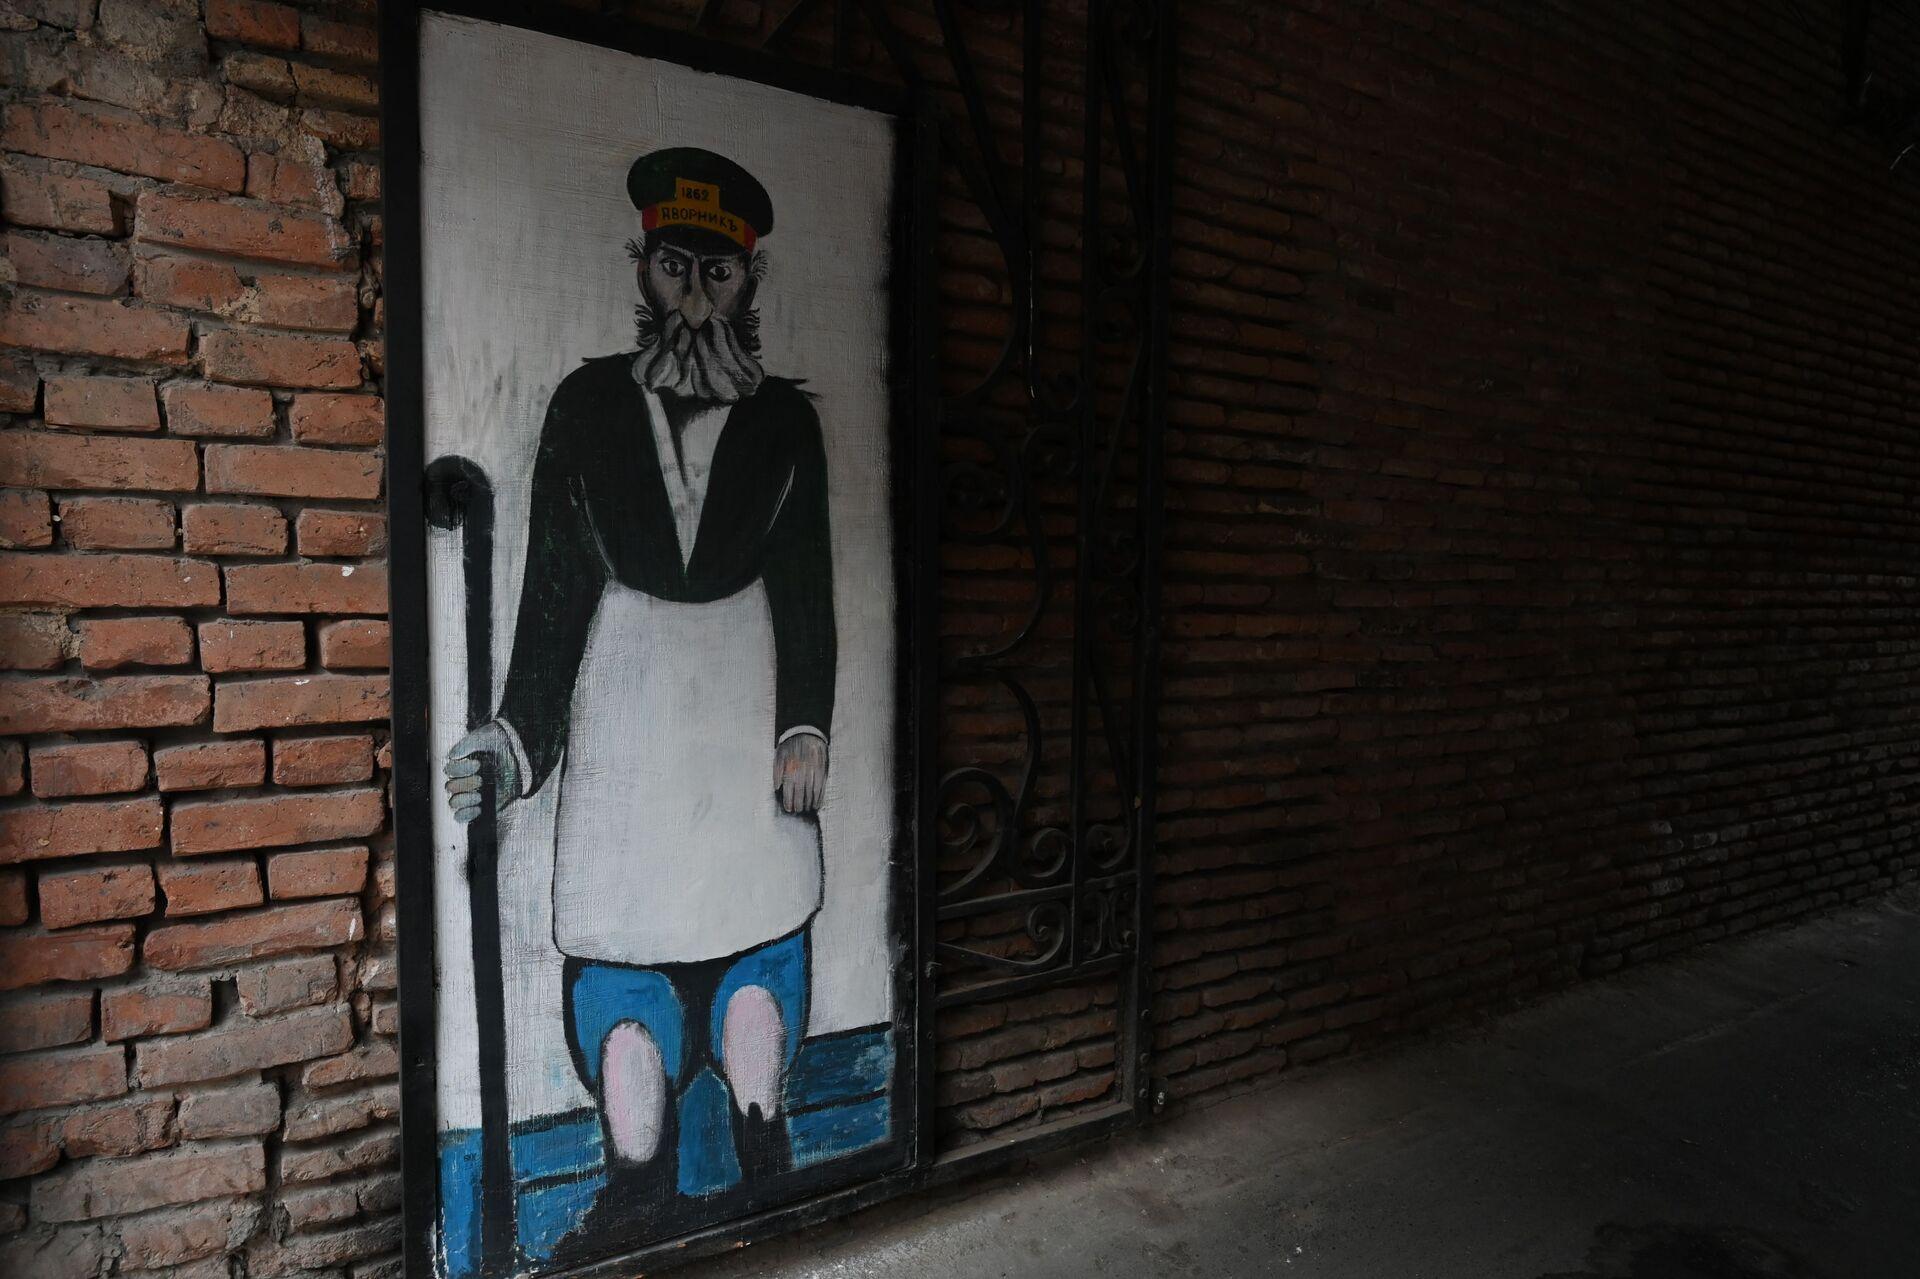 Стрит арт - тбилисский дворник - Sputnik Грузия, 1920, 01.09.2021